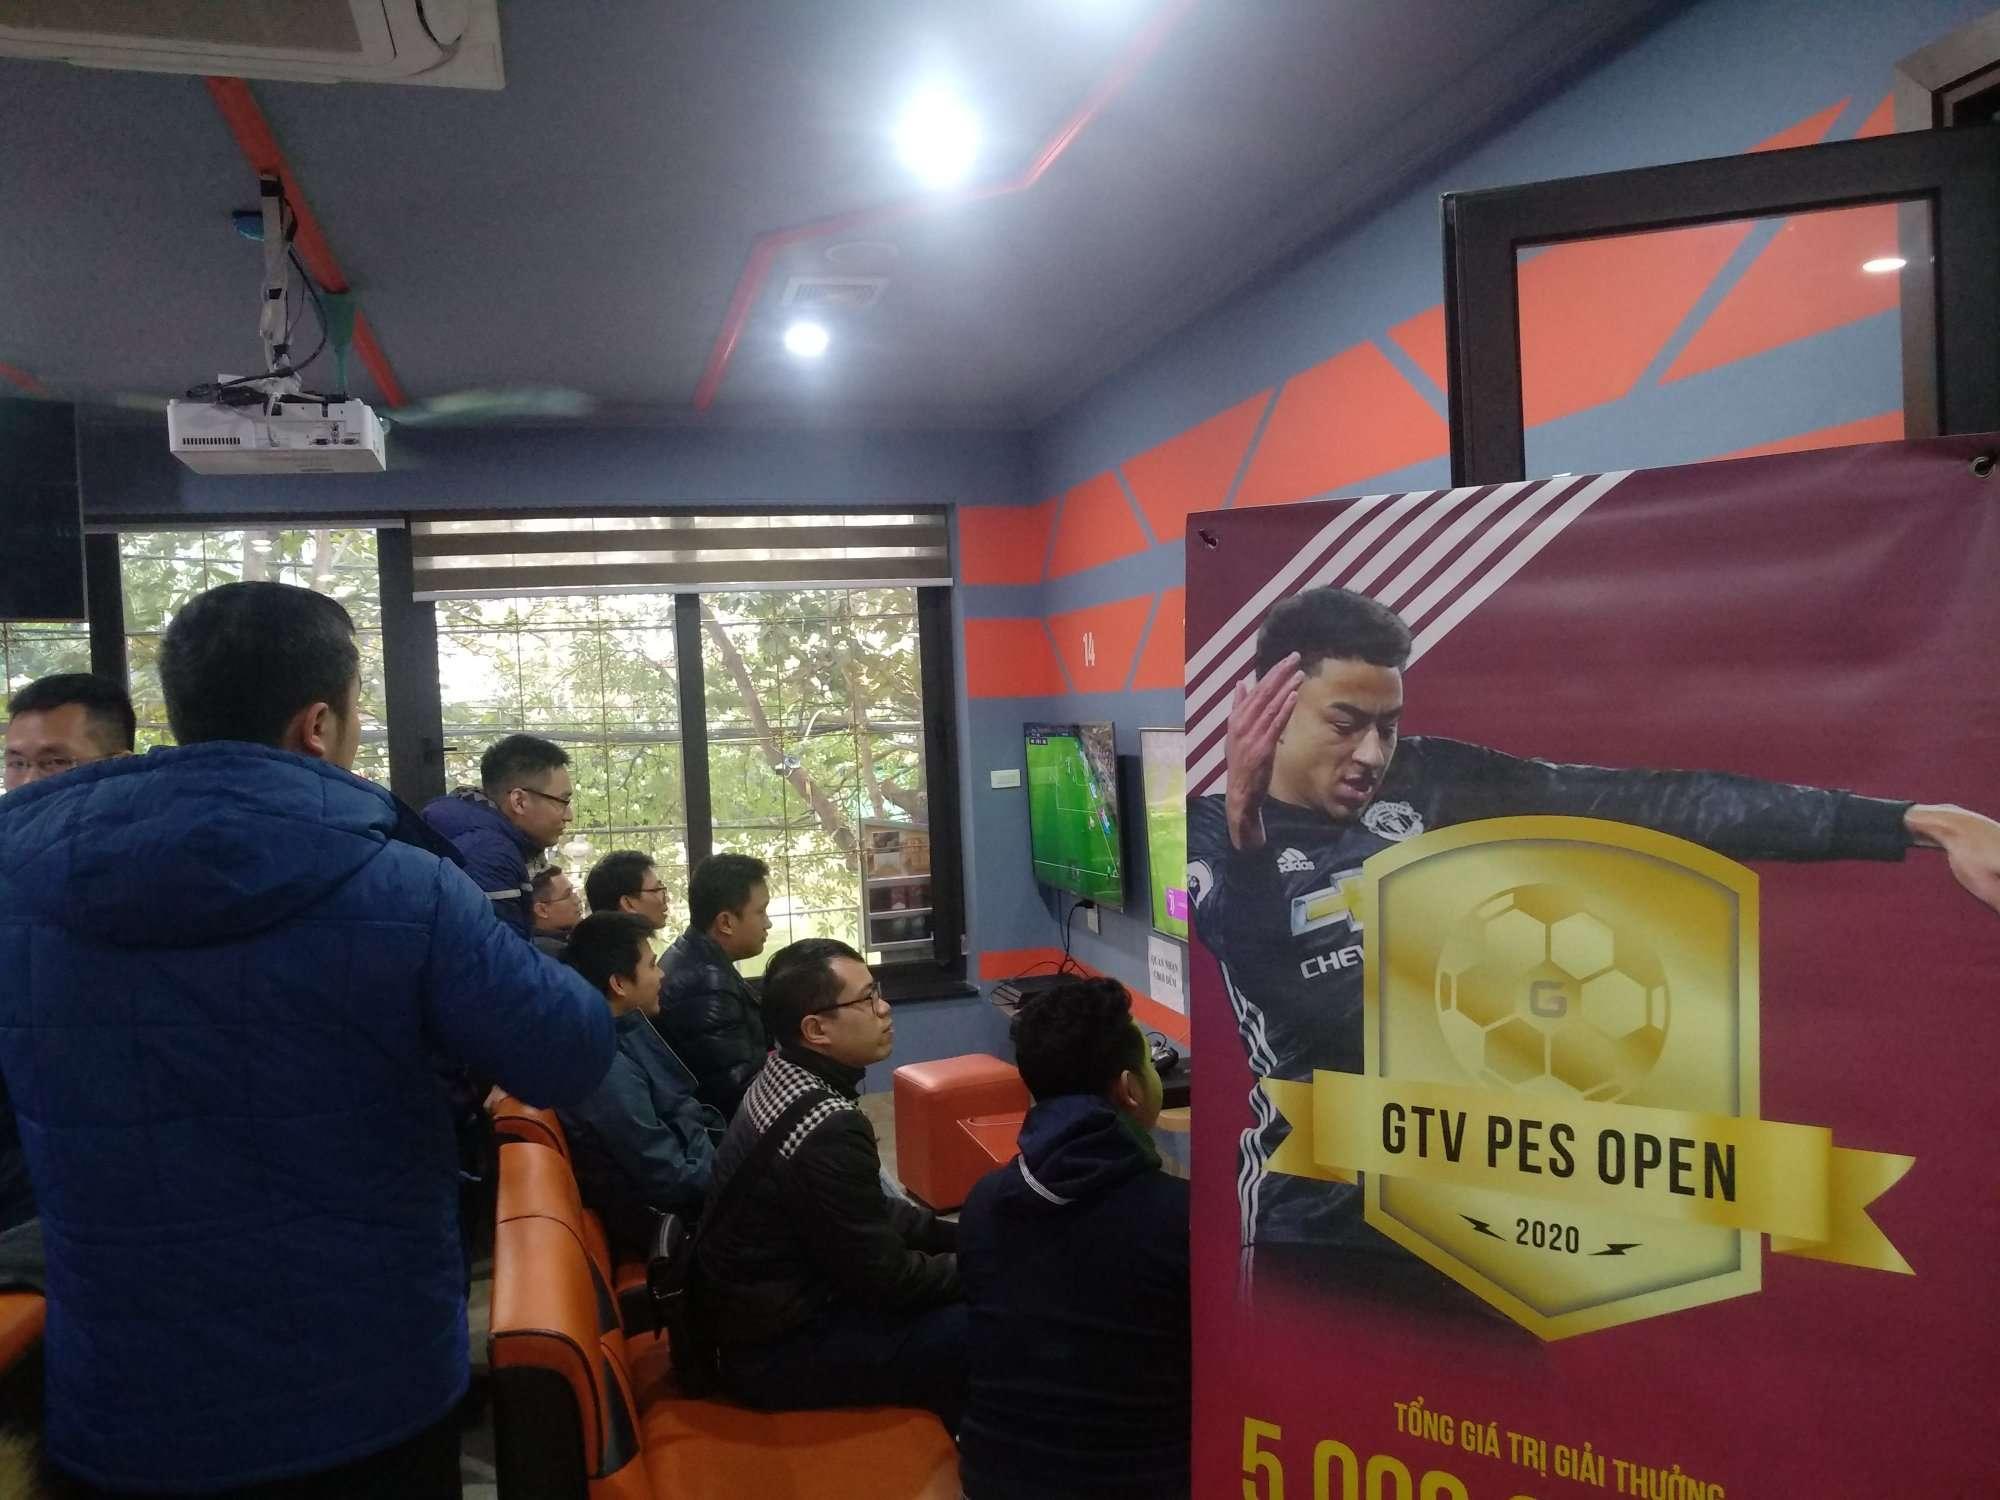 GTV PES OPEN CUP 2020 khởi tranh vô cùng sôi động